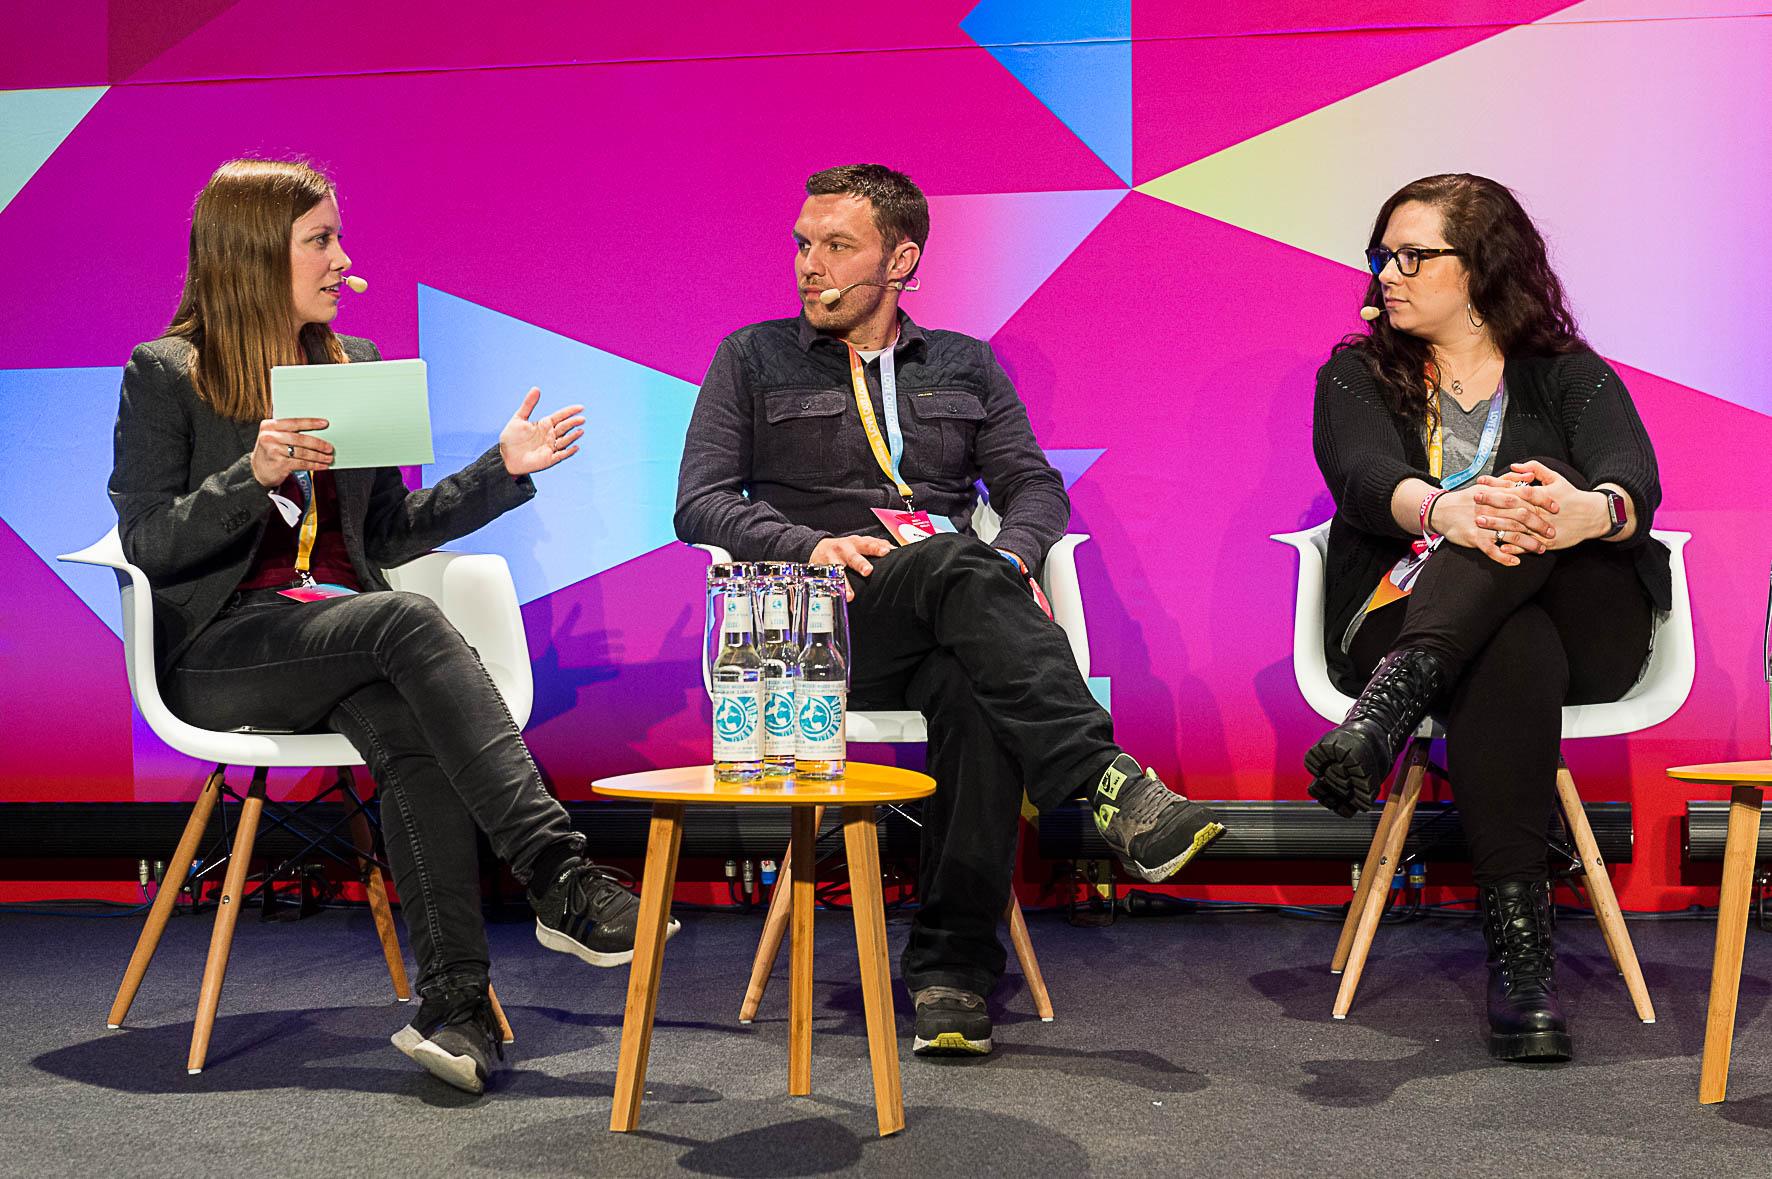 Susanne moderiert auf der re:publica 2017 ein Panel.